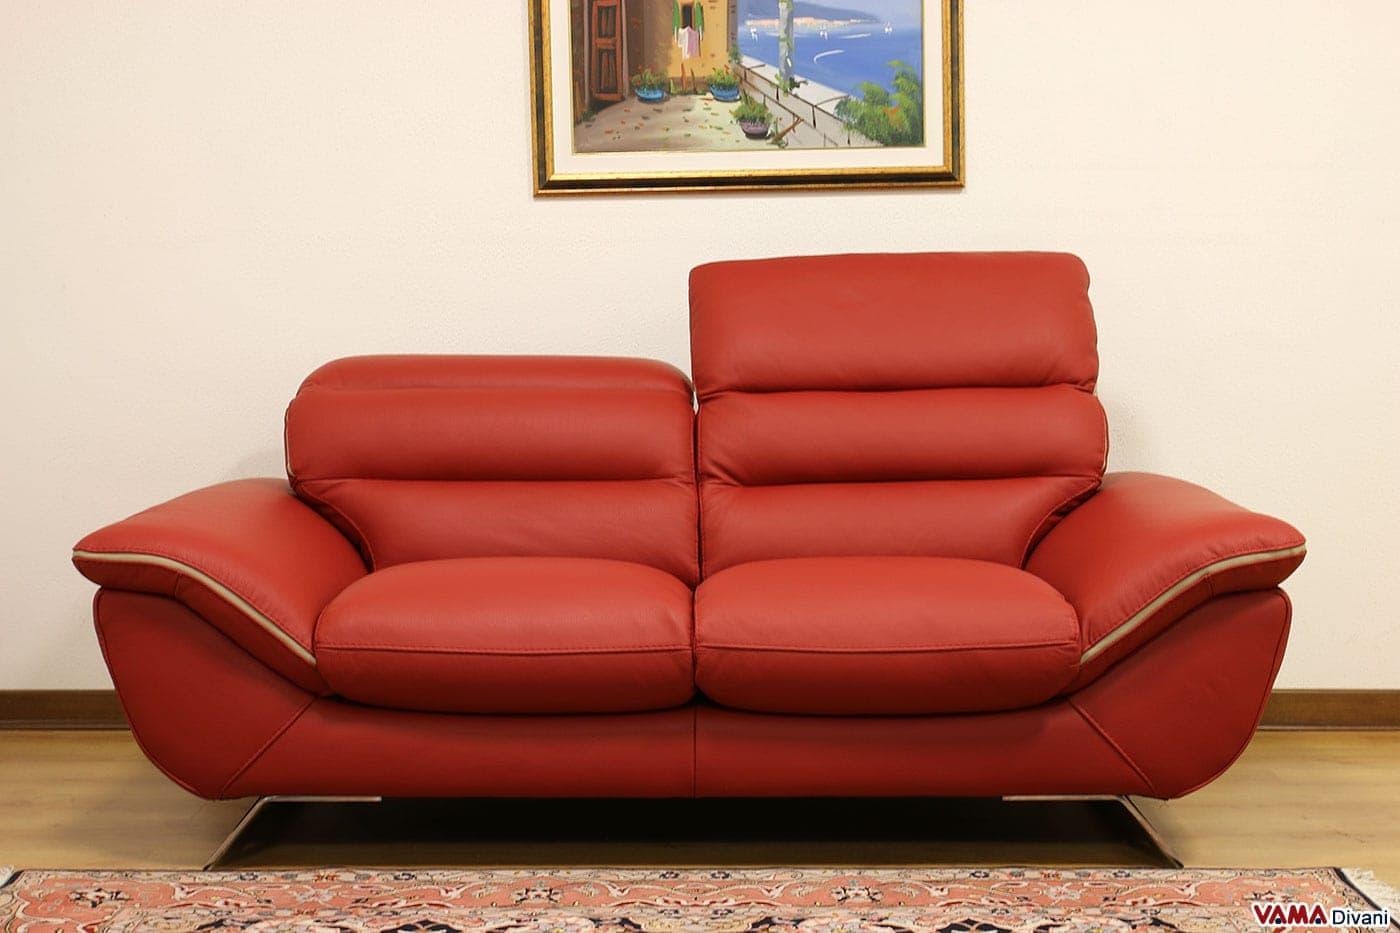 Divano moderno con piedini in acciaio cruise vama divani - Cambiare rivestimento divano poltrone e sofa ...